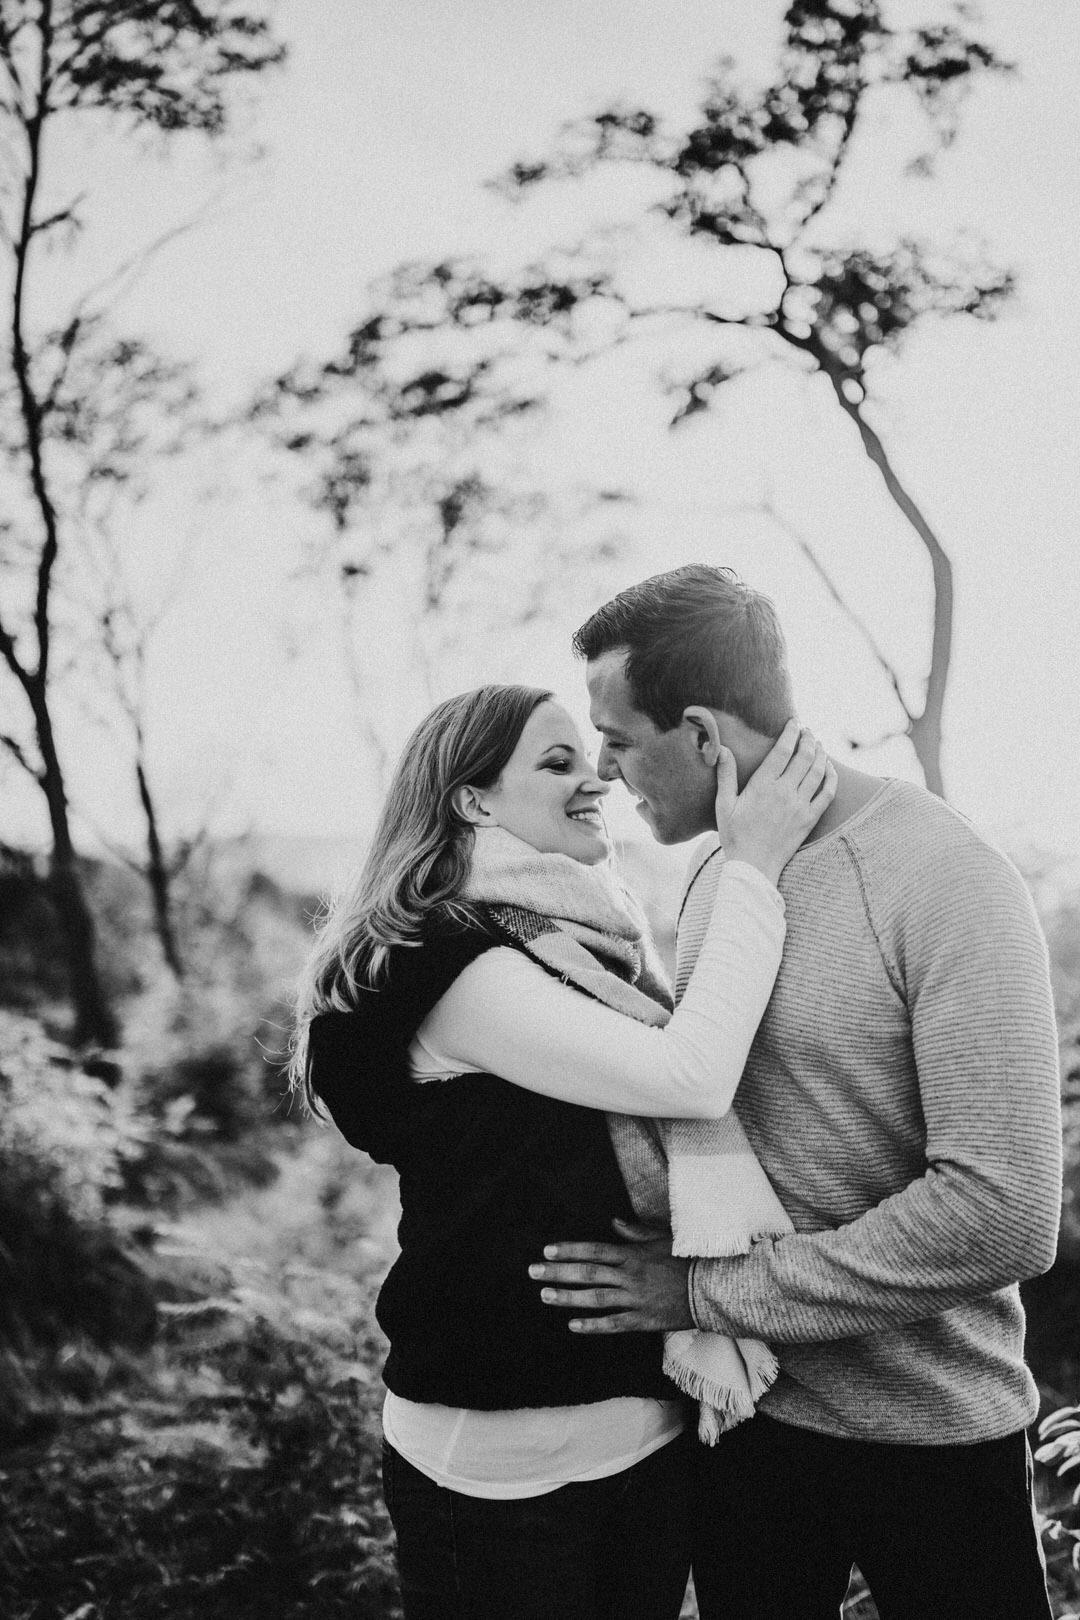 Besonders wichtig ist für Paarshootings, dass die Paare Spaß bei der Sache haben, nur so entstehen meiner Erfahrung nach Fotografien, an denen man für immer Freude hat.